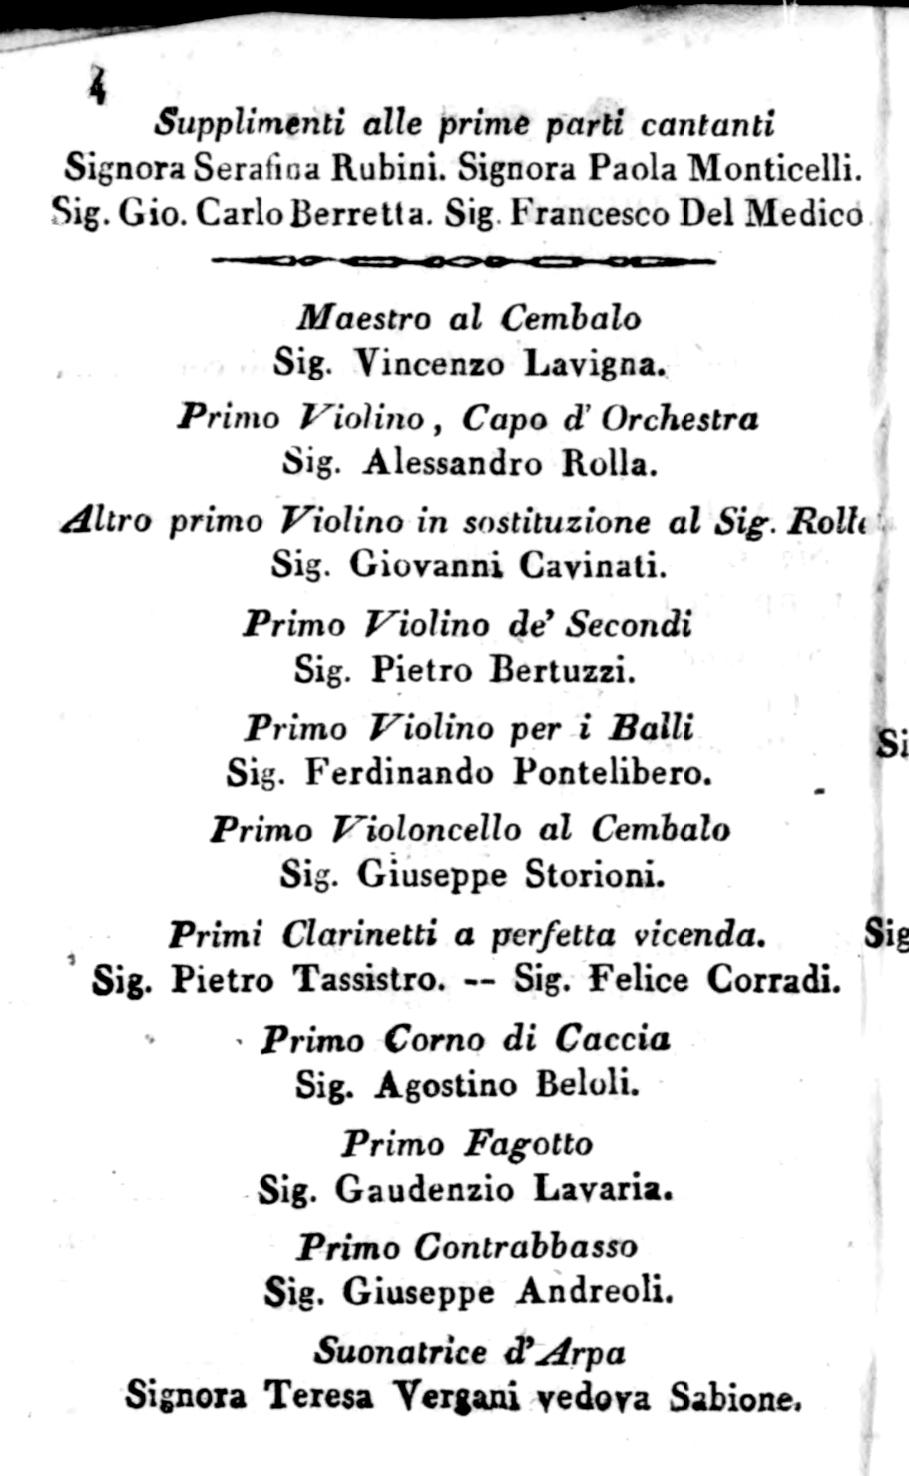 ミラノ・スカラ座歌劇場管弦楽団の歴史 1811年~1820年_b0189423_17431198.jpg